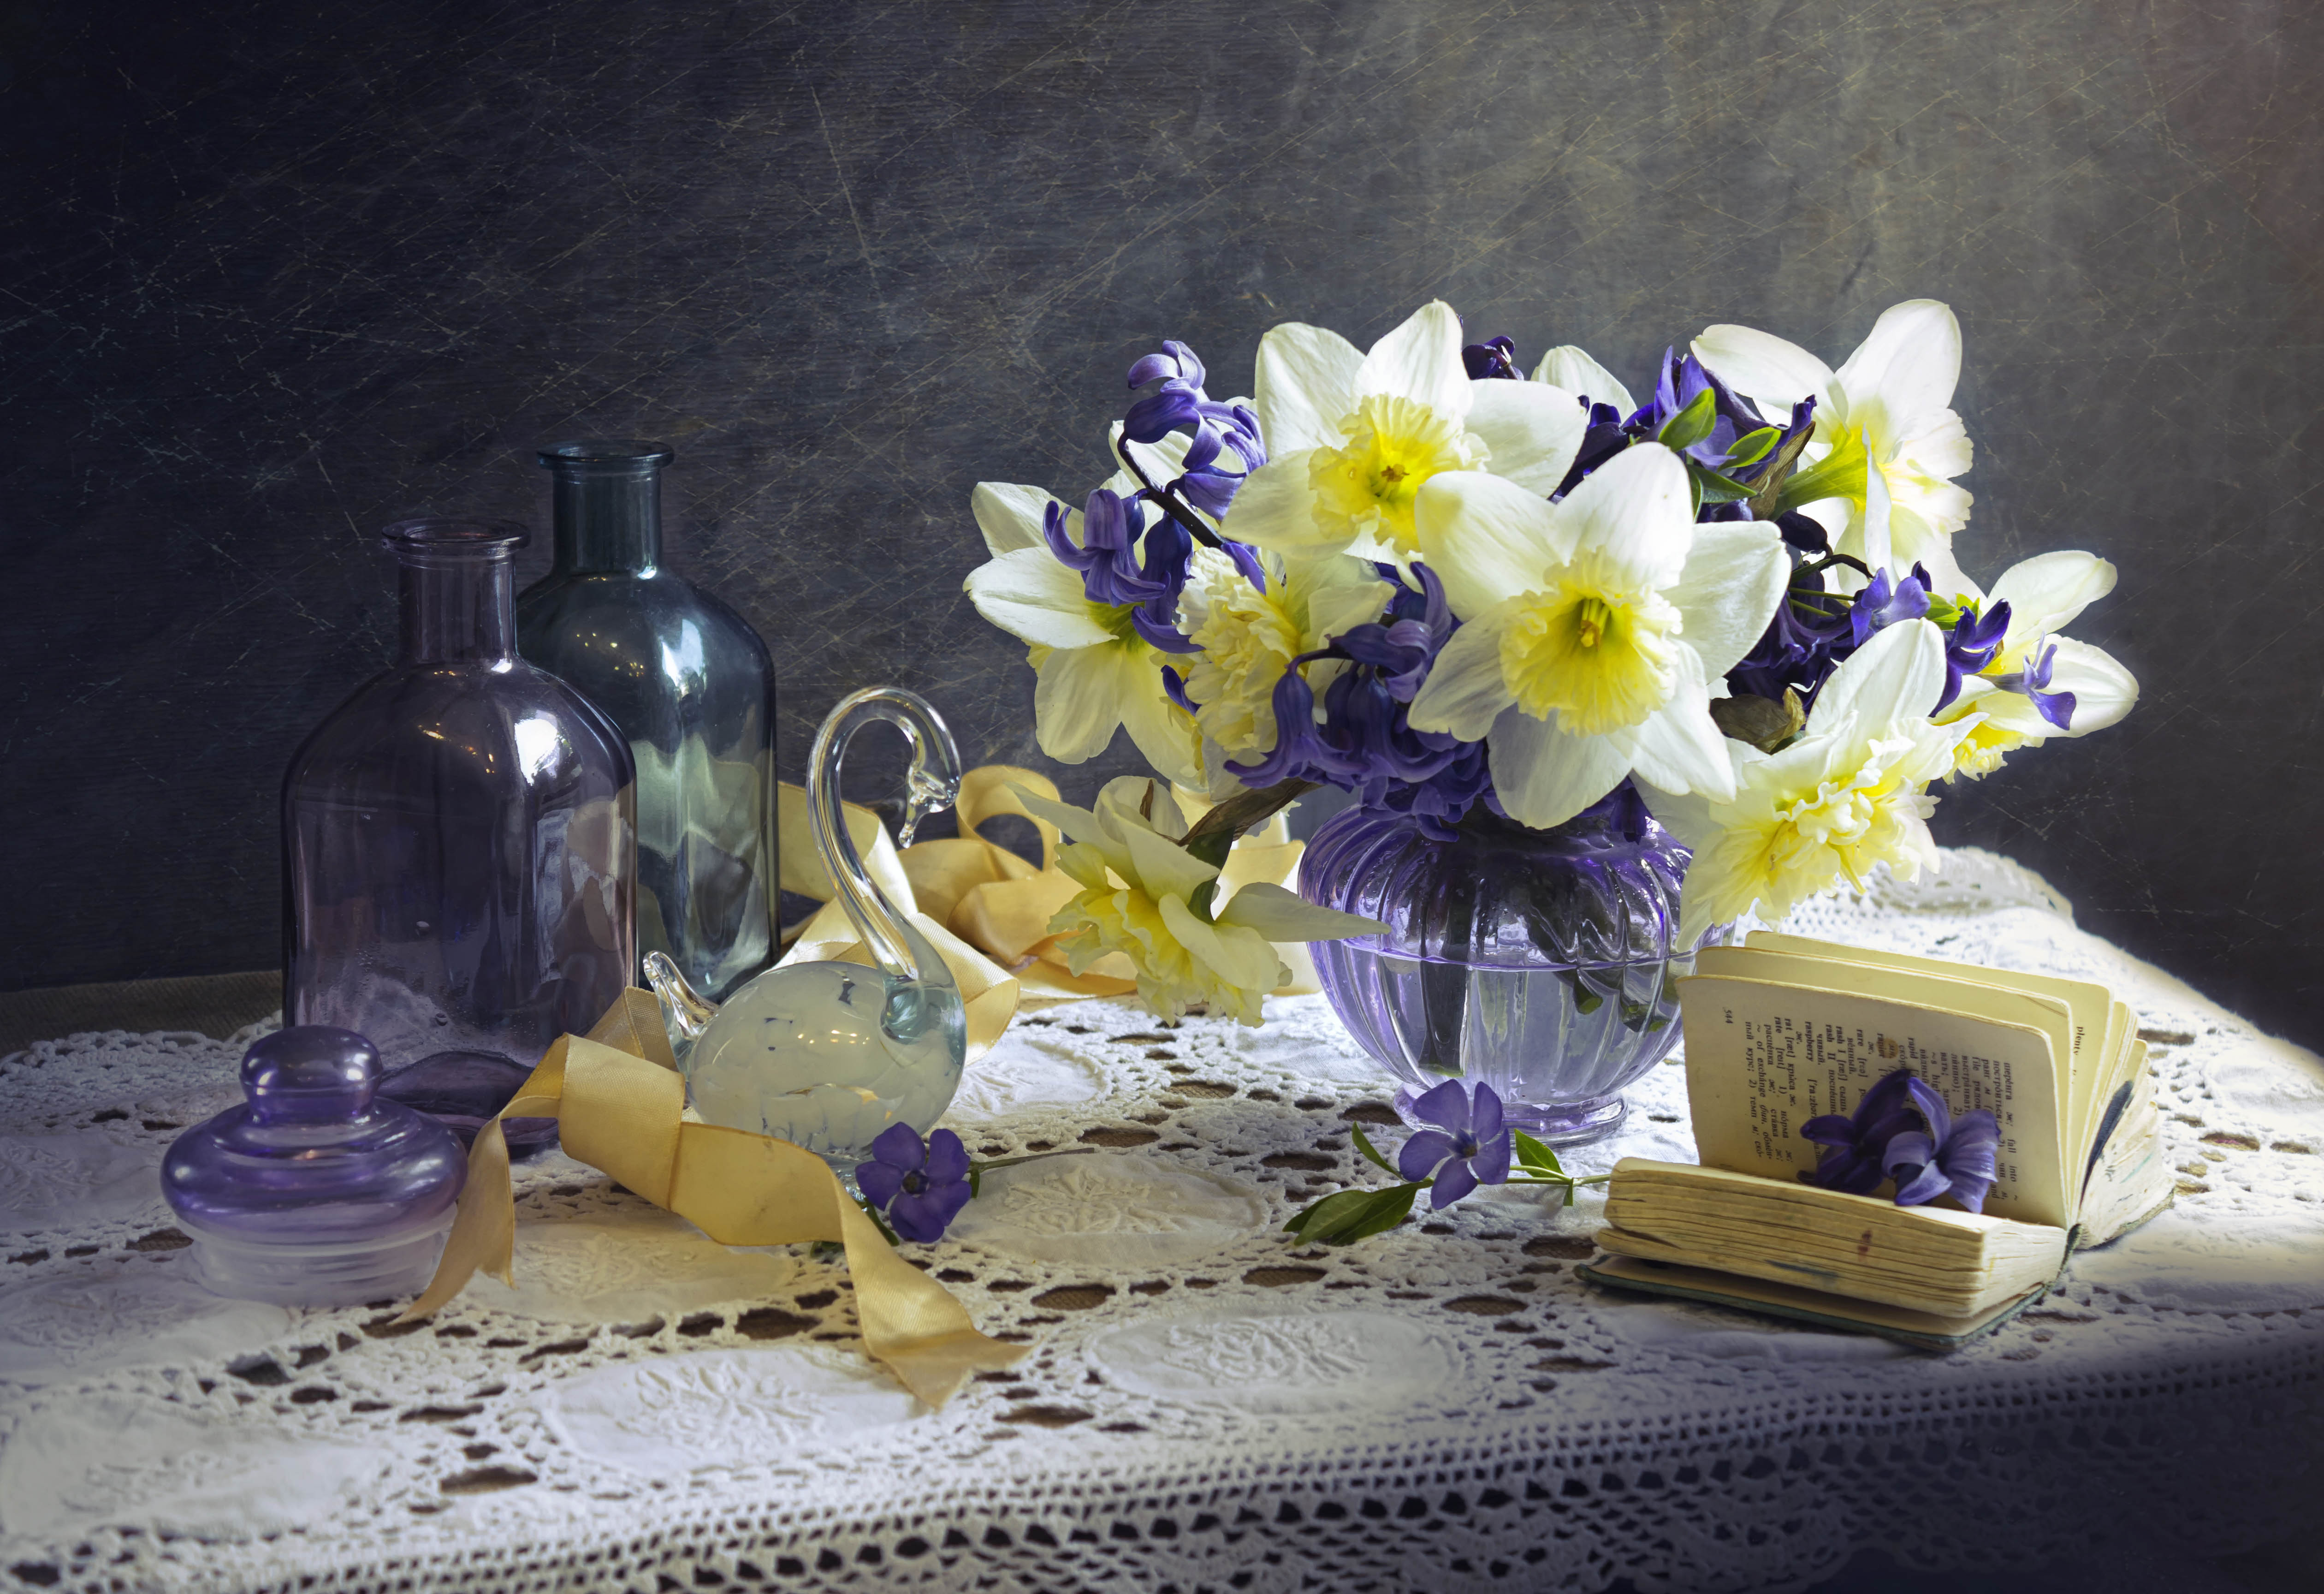 натюрморт, весна, нарциссы, бутылочки, цветное стекло, Зимина Лионелла